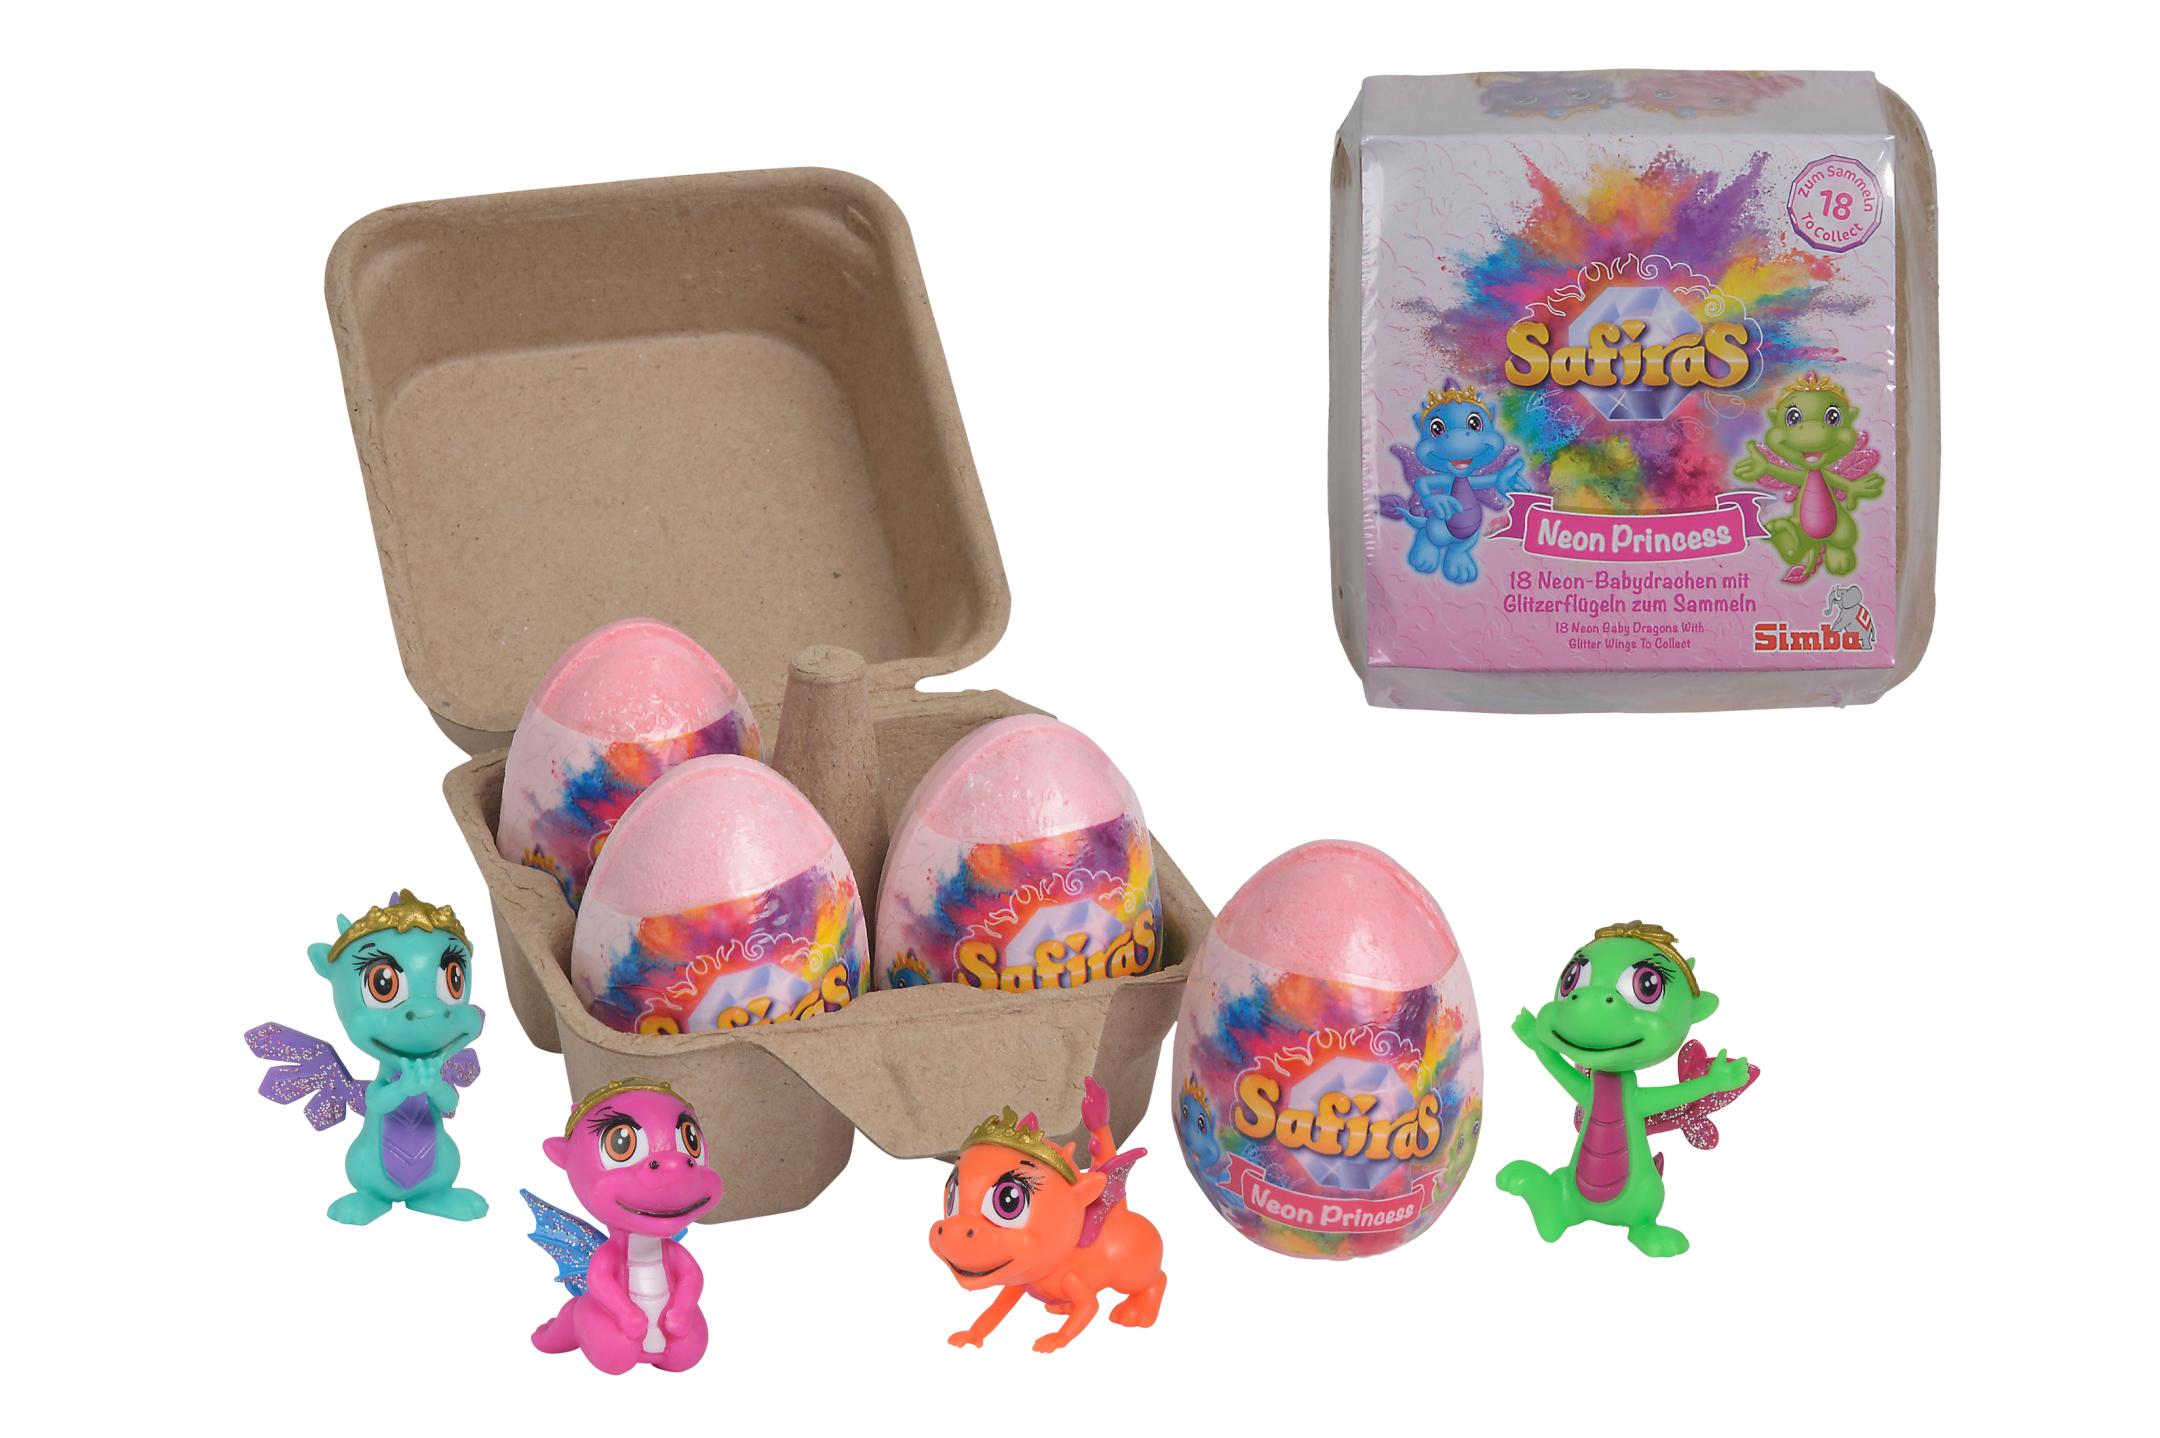 Safiras V Neon Prinzess 4er Pack